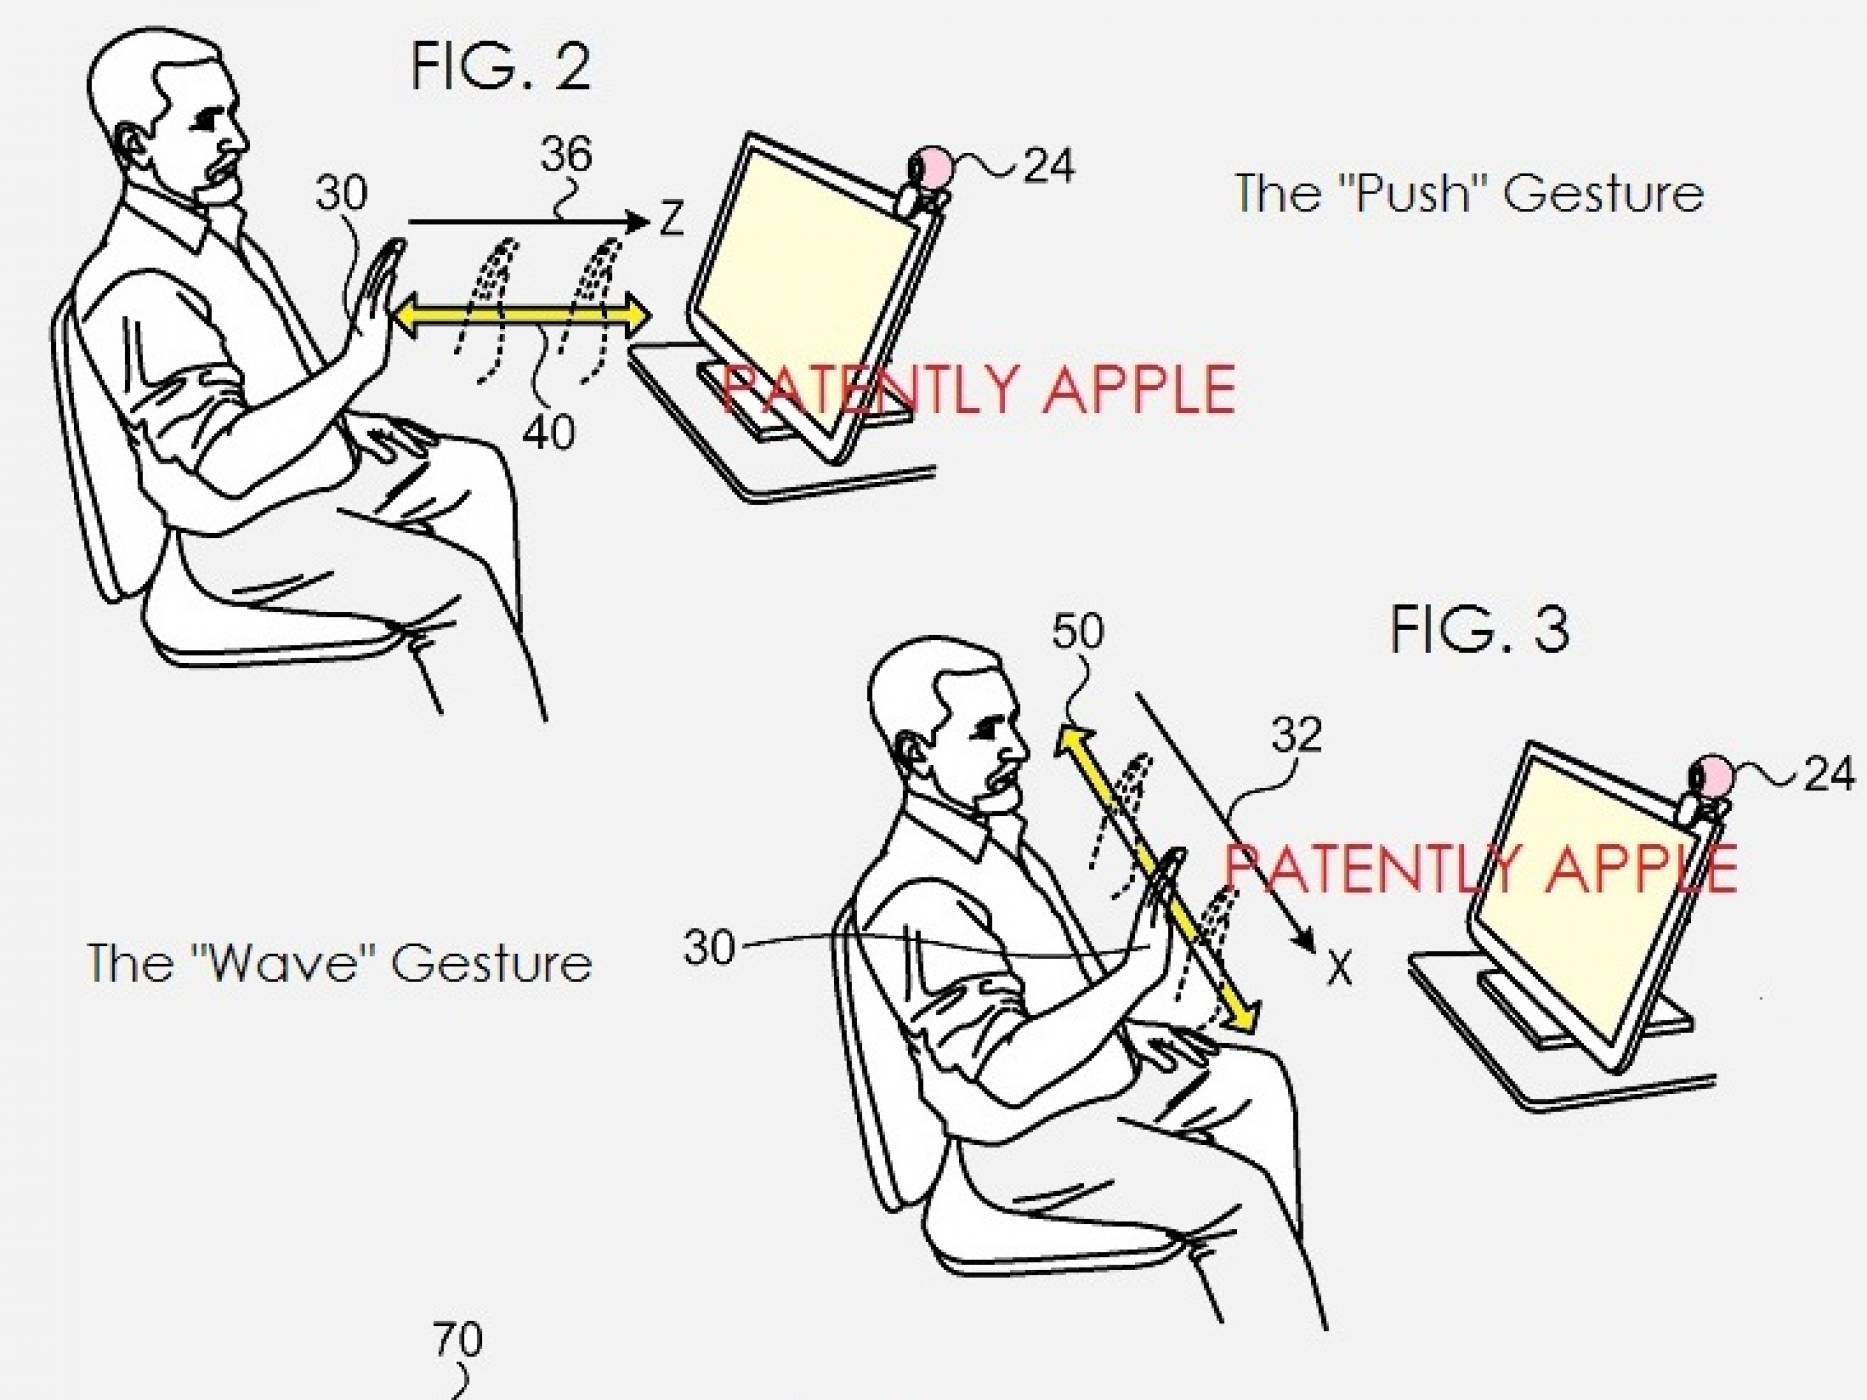 Samsung се конкурира с Apple в разработката на жестови контрол за мобилни устройства